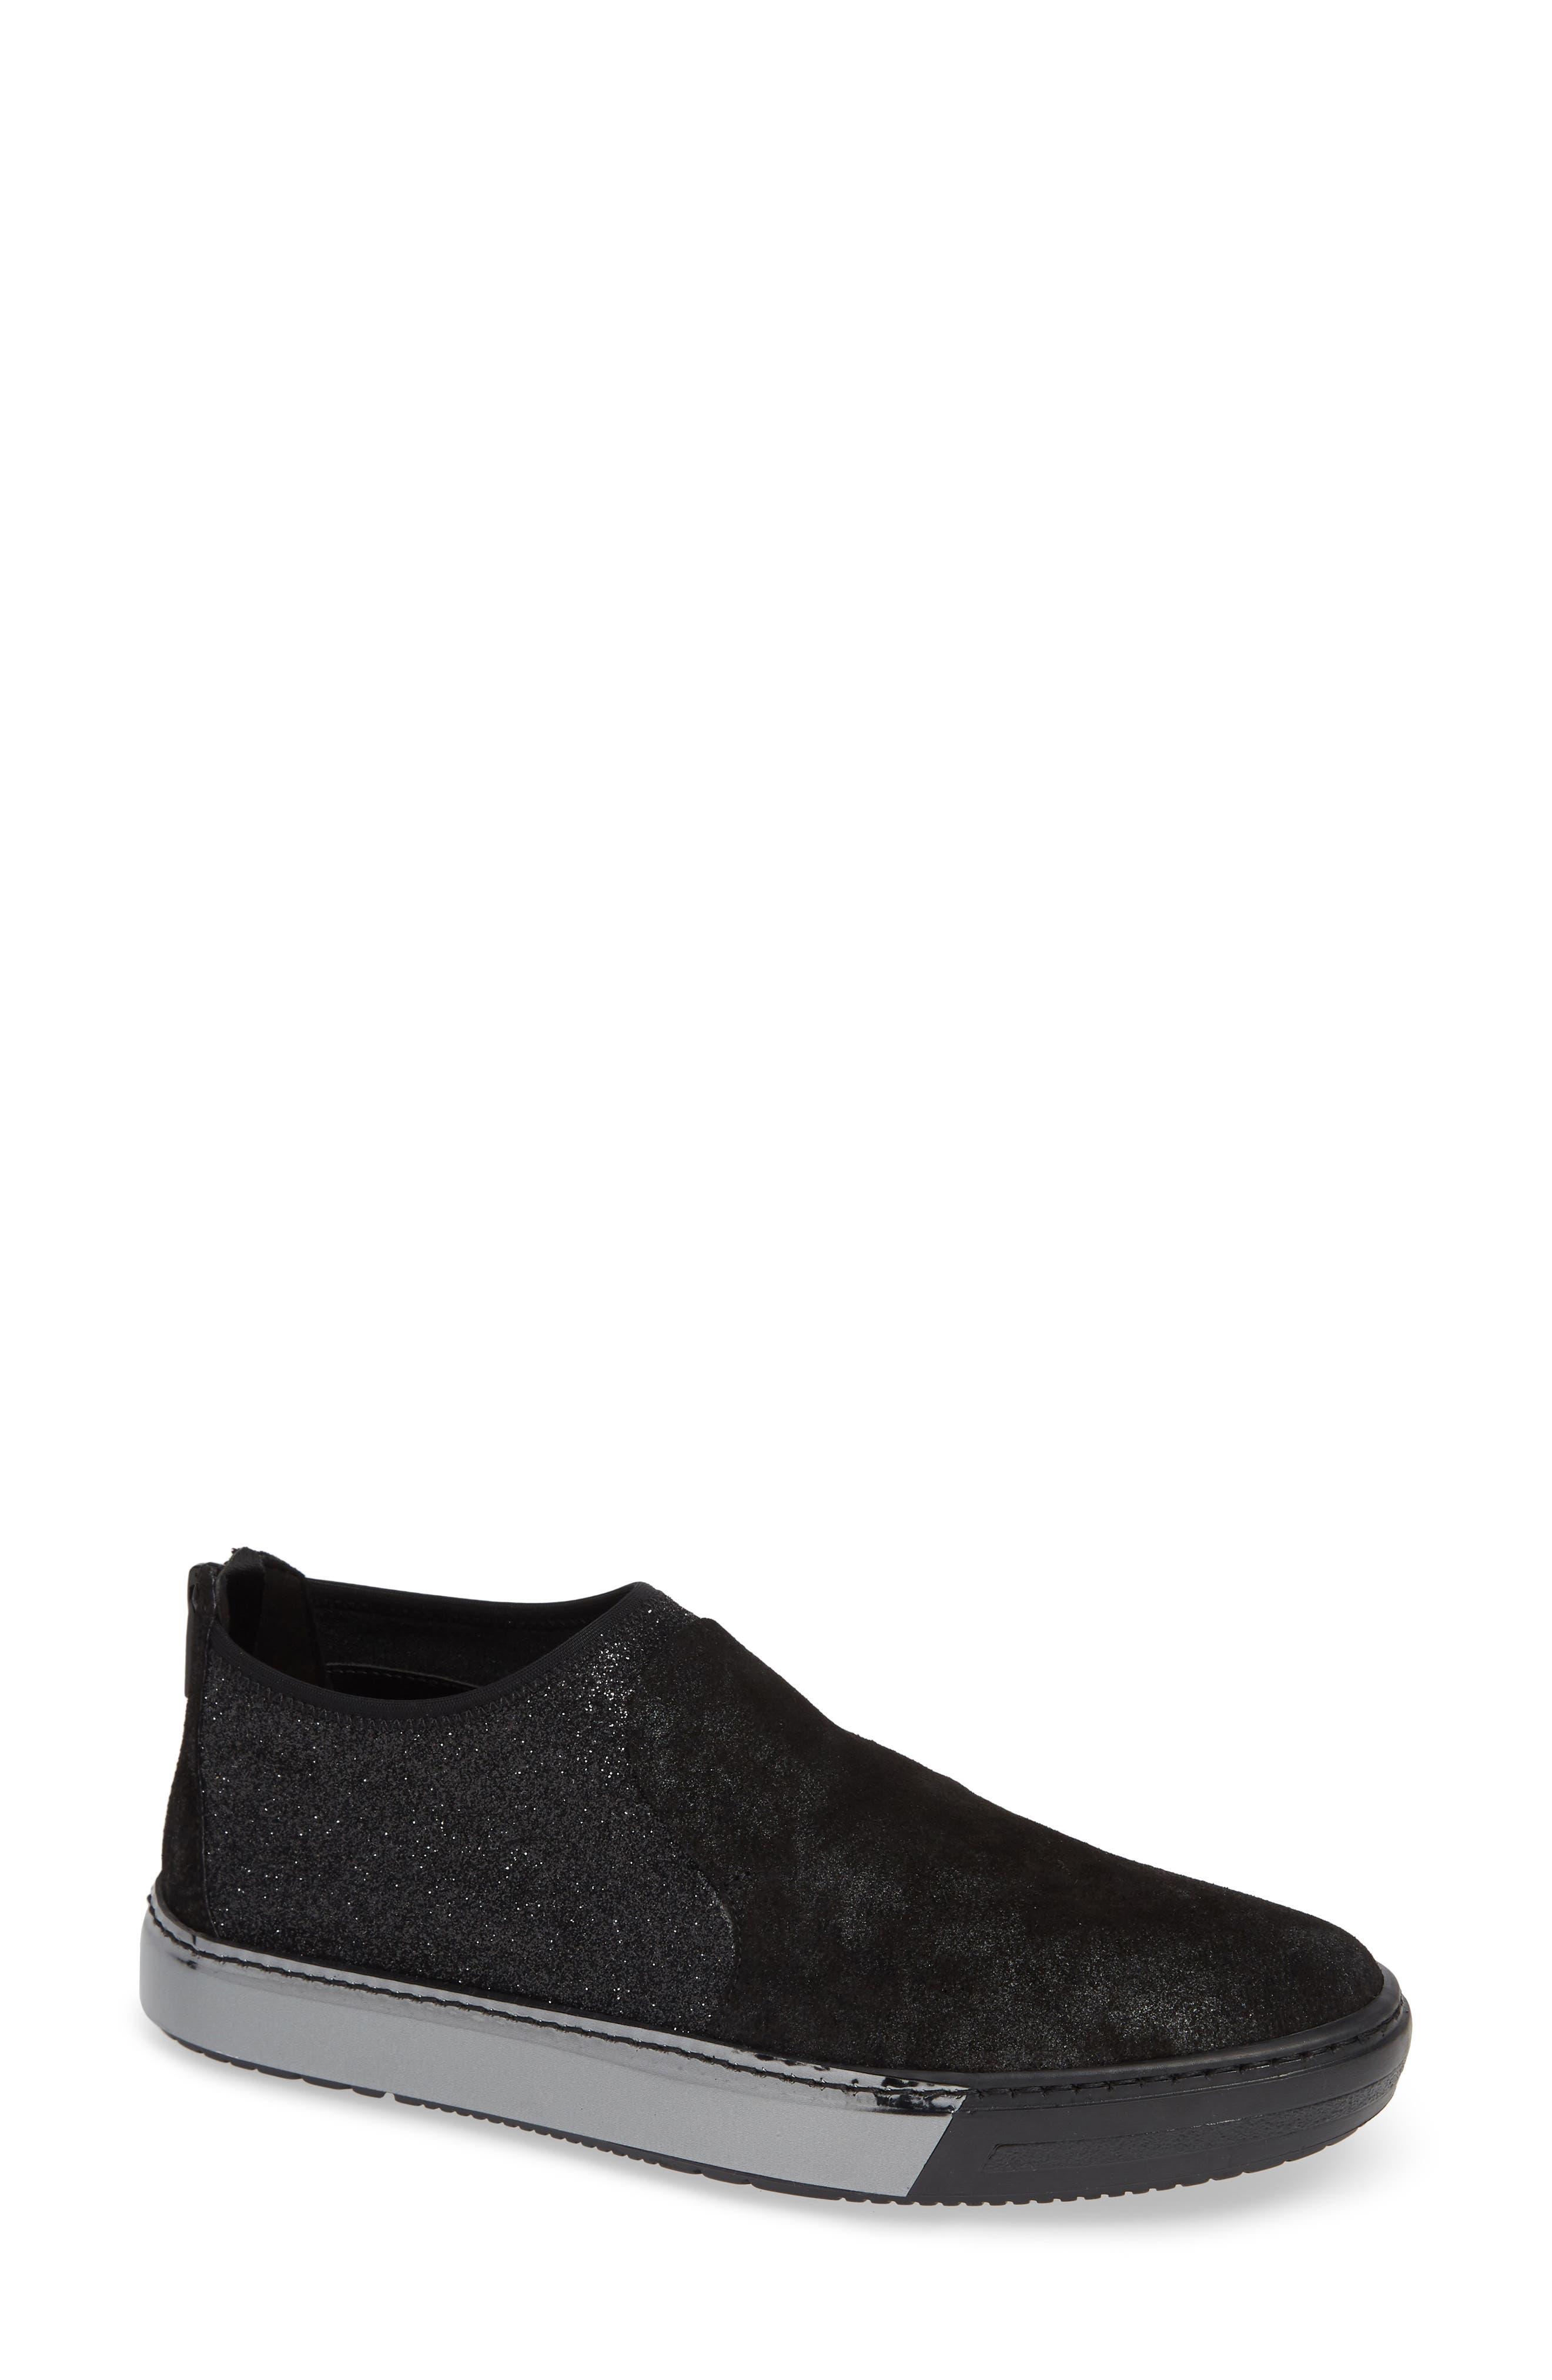 SESTO MEUCCI Corky Water Resistant Sneaker in Black